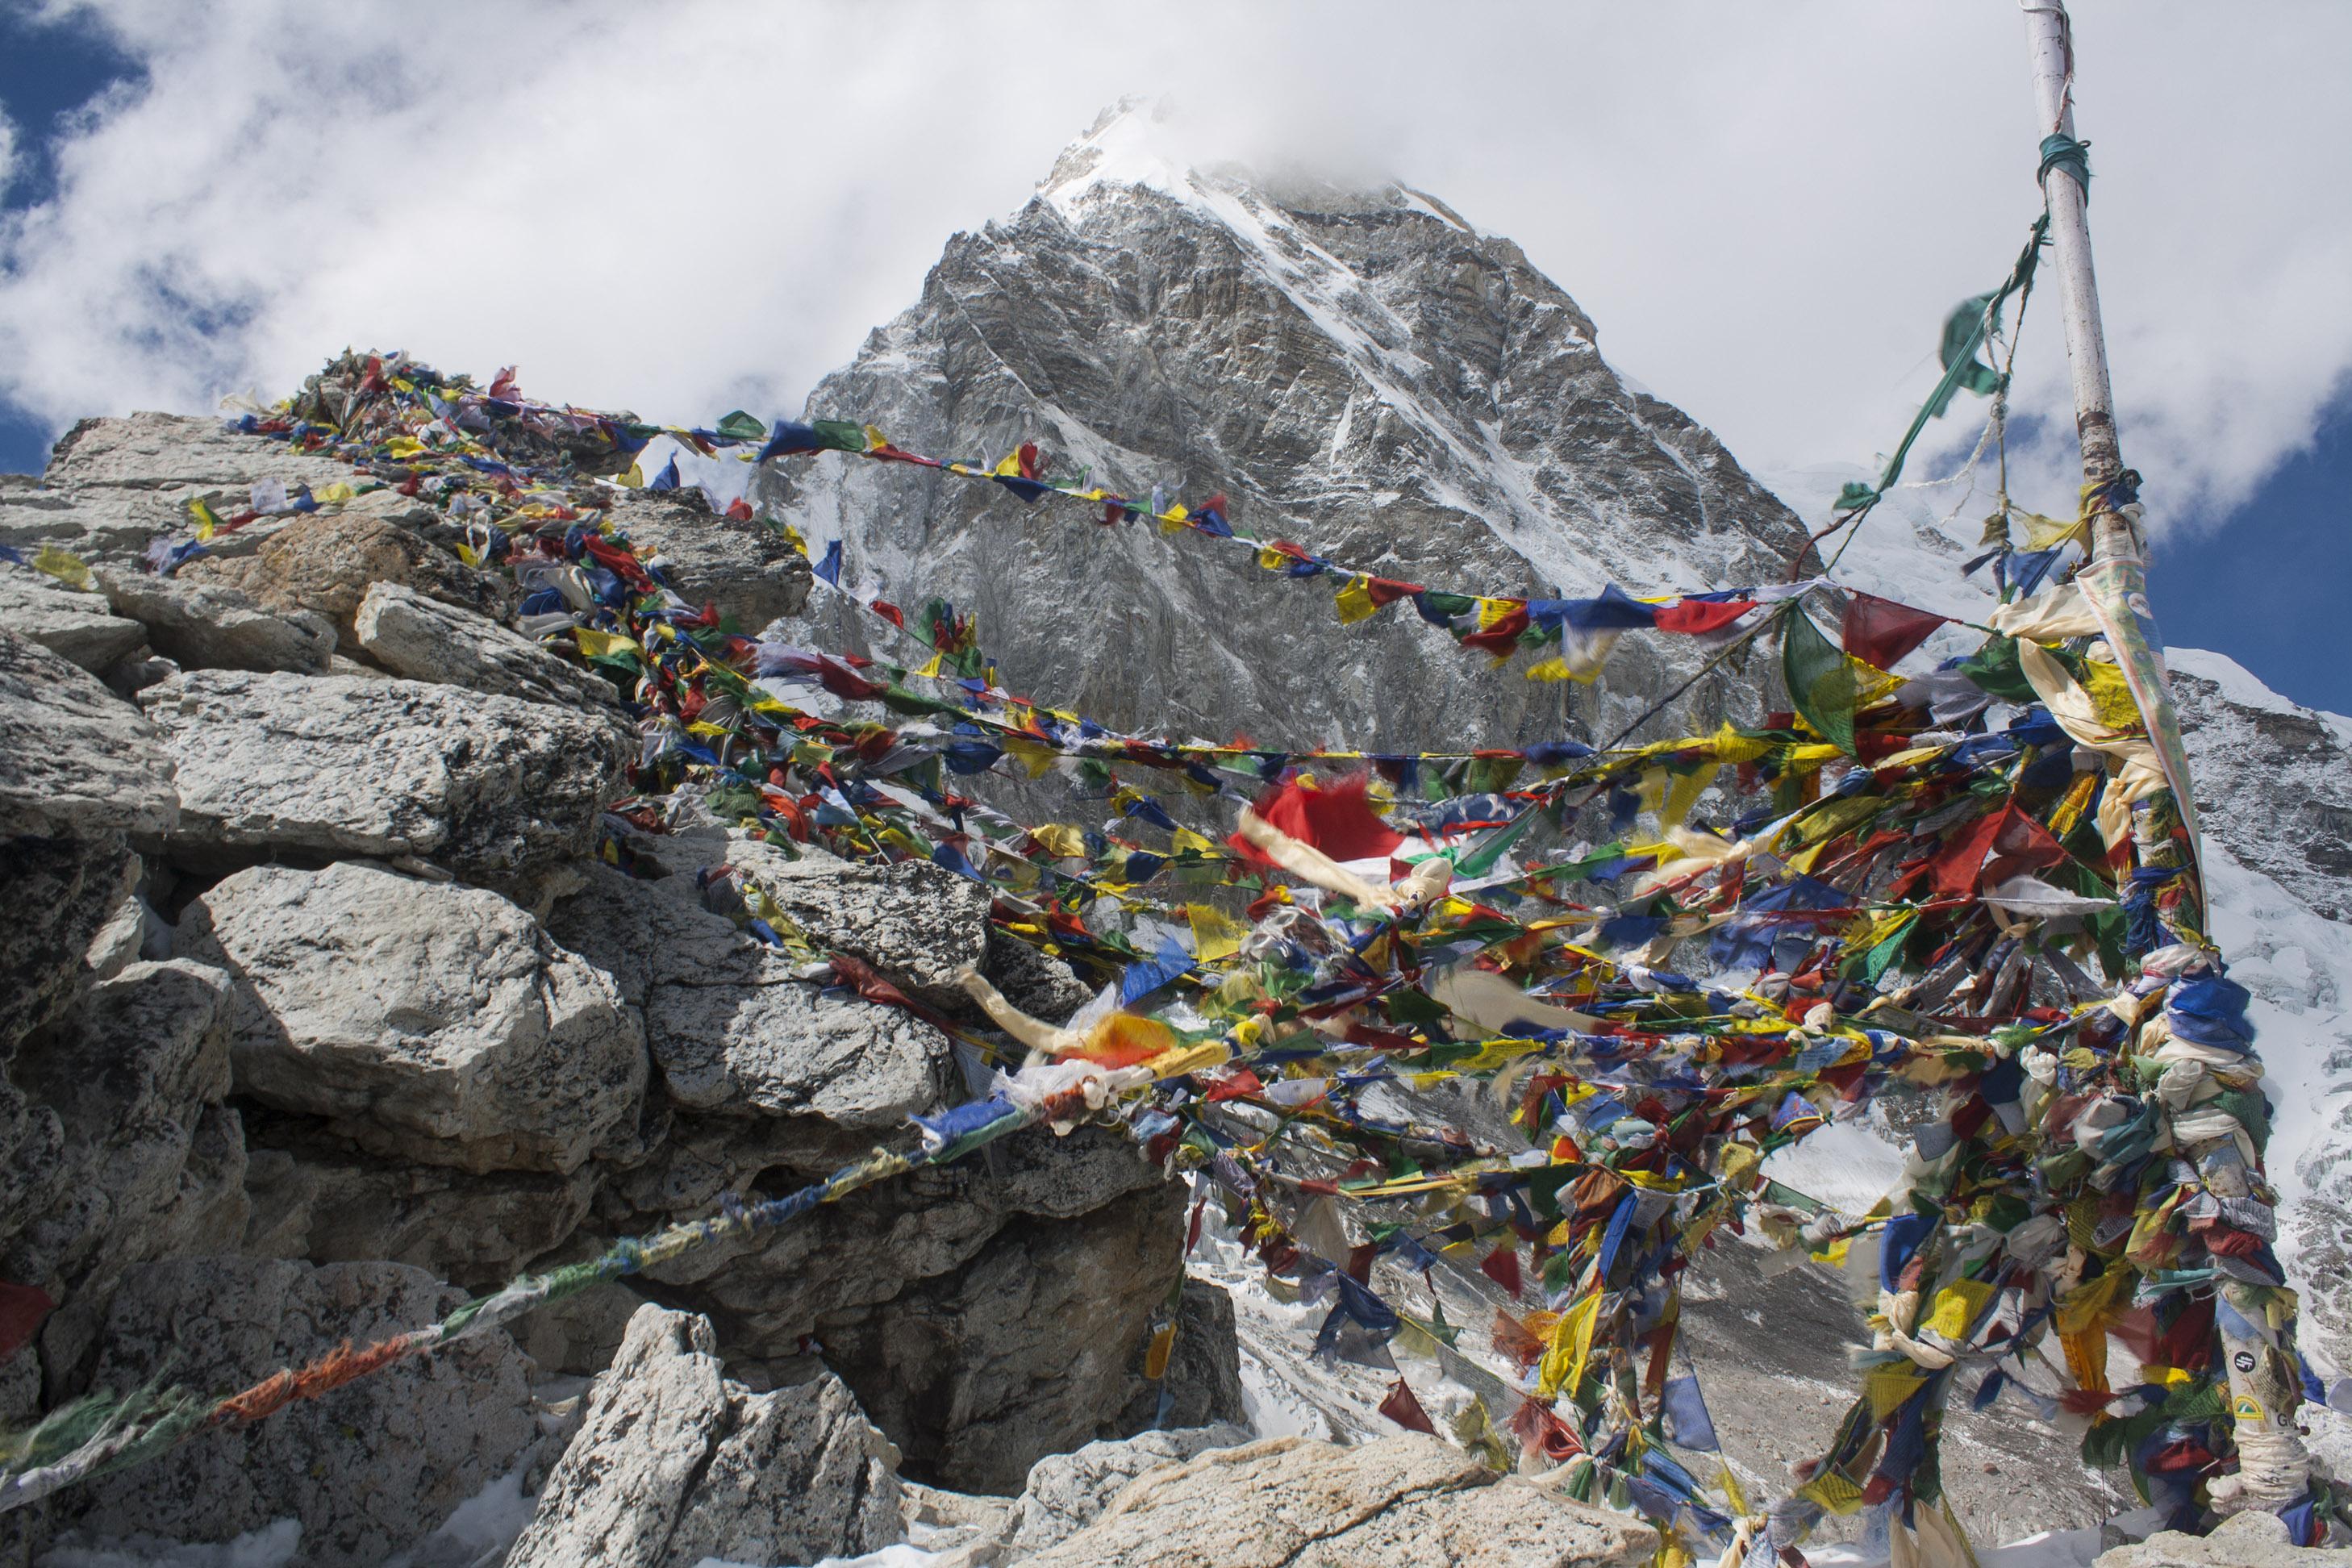 Kala_Patthar_Summit